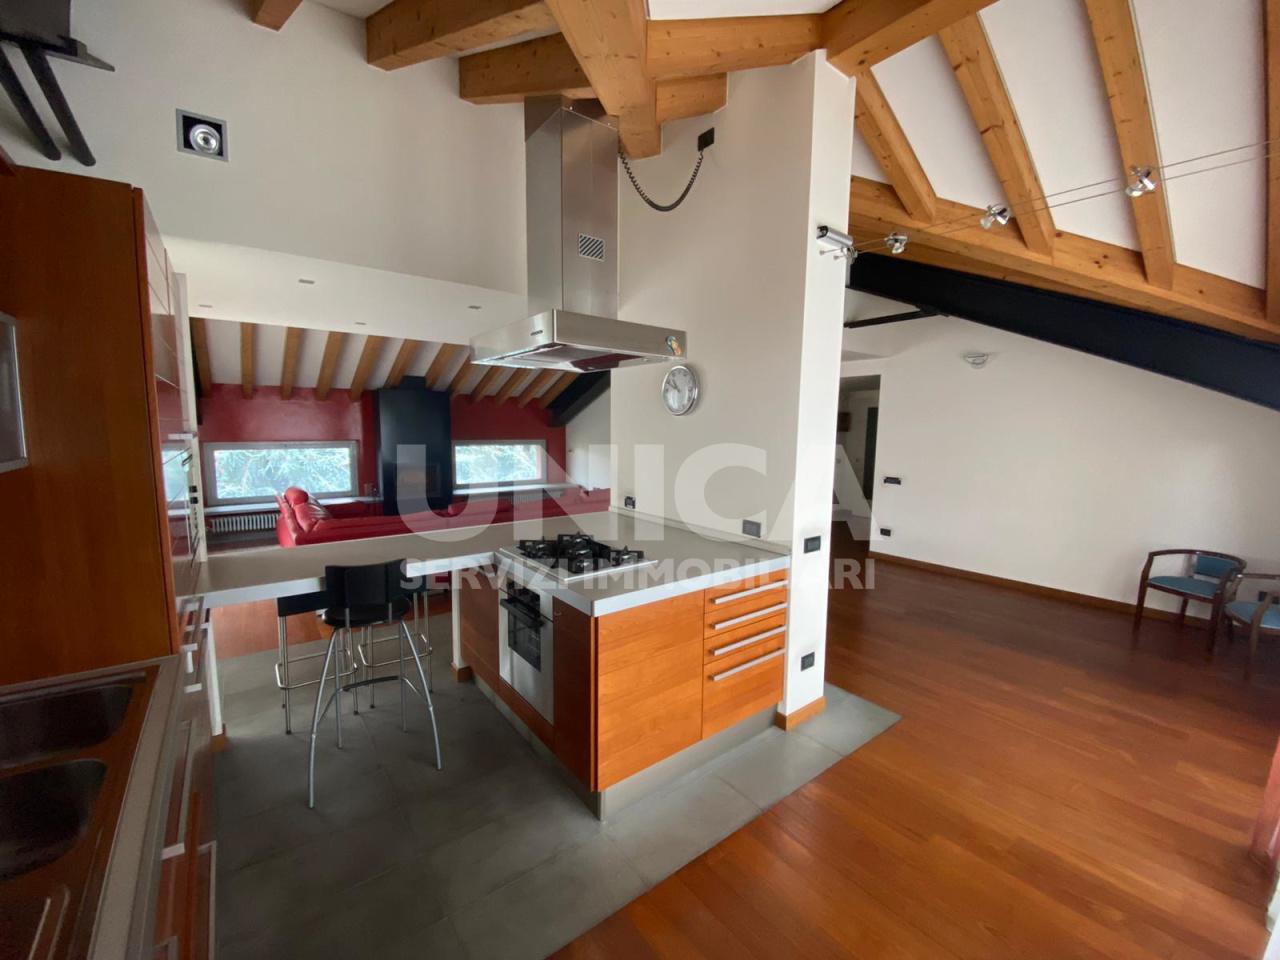 Attico / Mansarda in vendita a Curno, 4 locali, prezzo € 305.000 | PortaleAgenzieImmobiliari.it